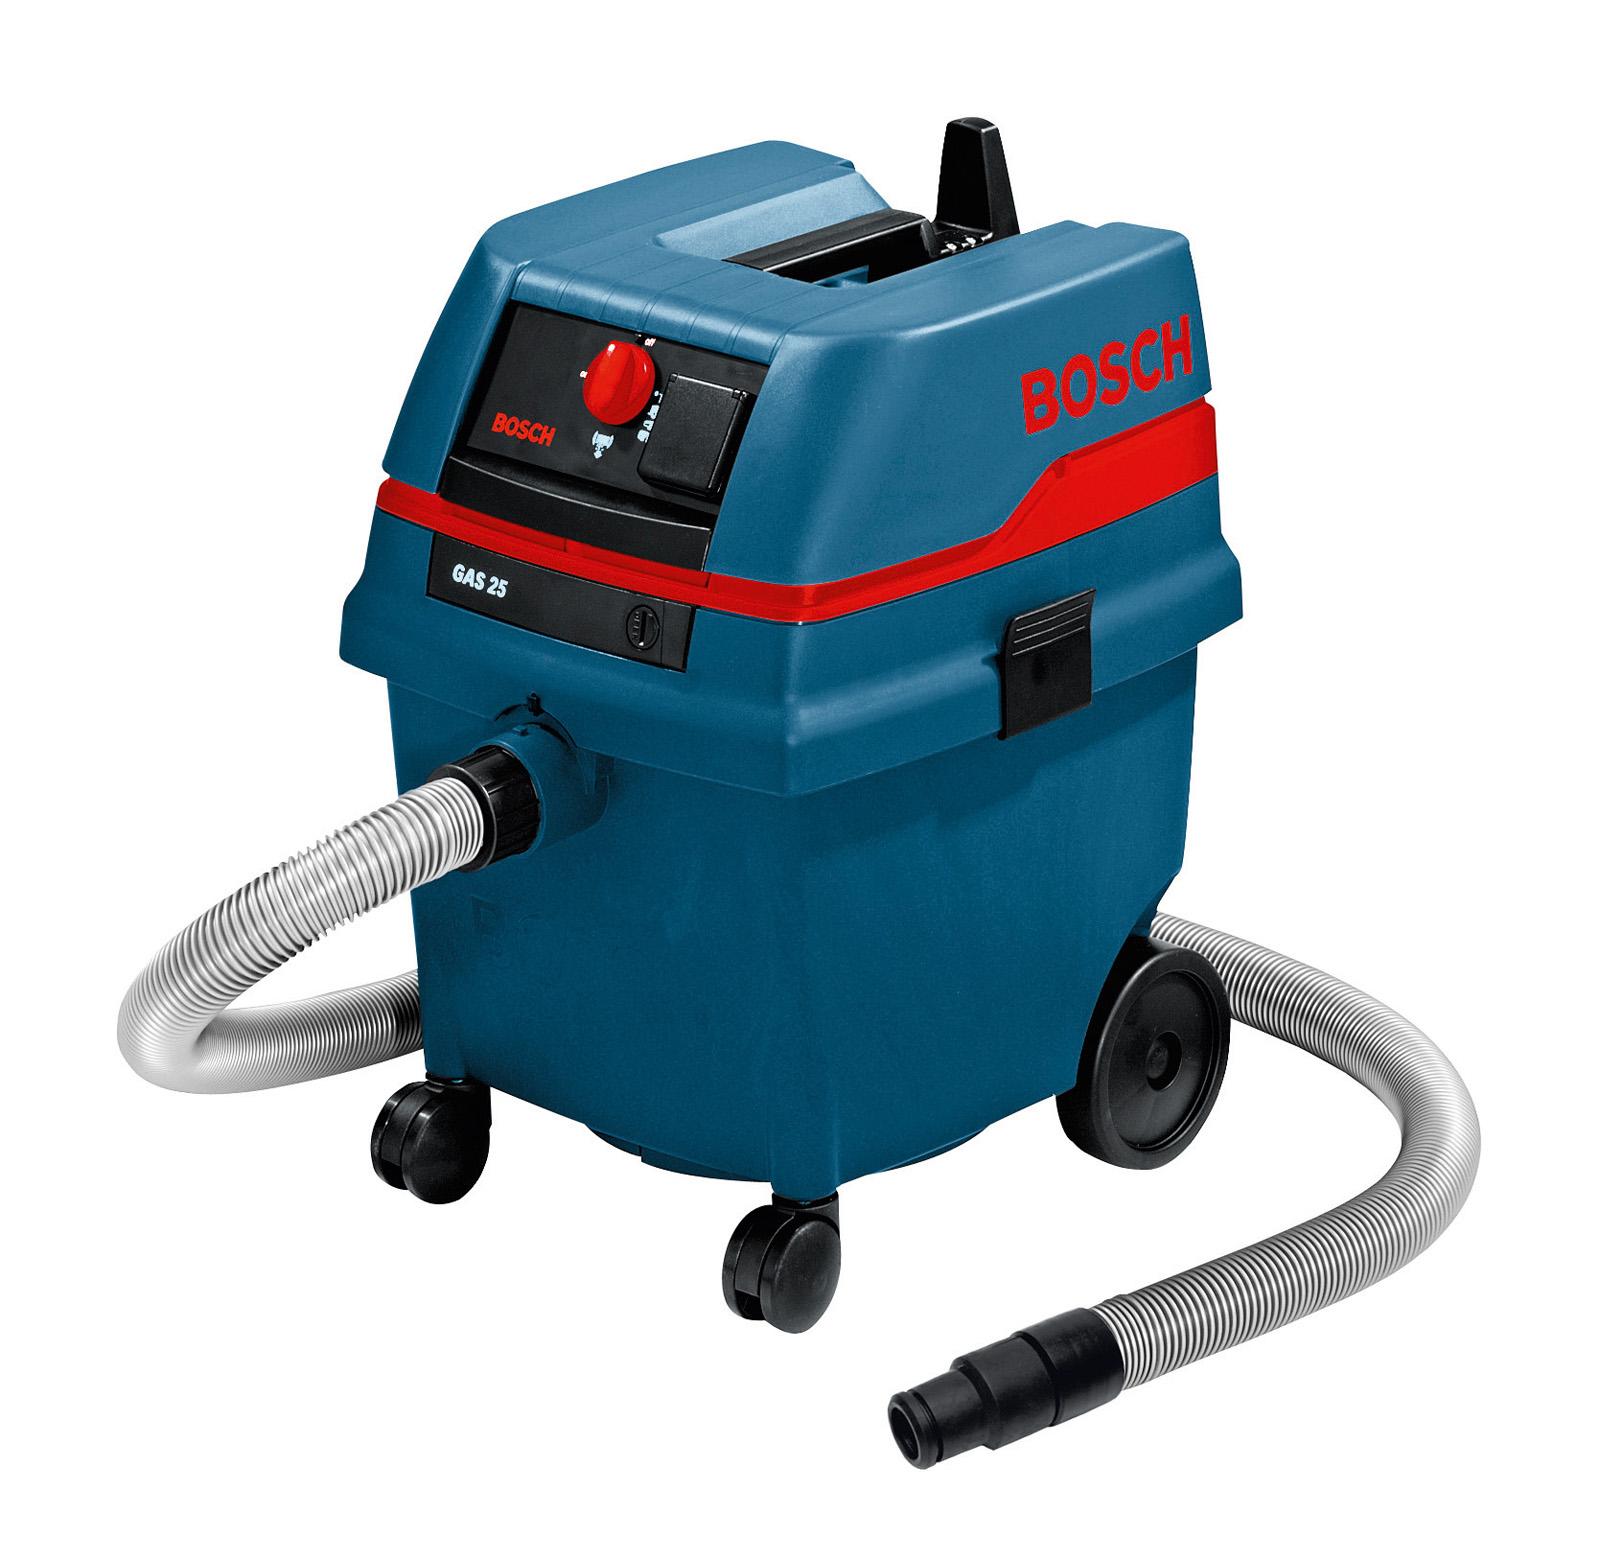 Пылесос Bosch Gas 25 l sfc (0.601.979.103) пылесос bosch gas 20 l sfc 0 601 97b 000